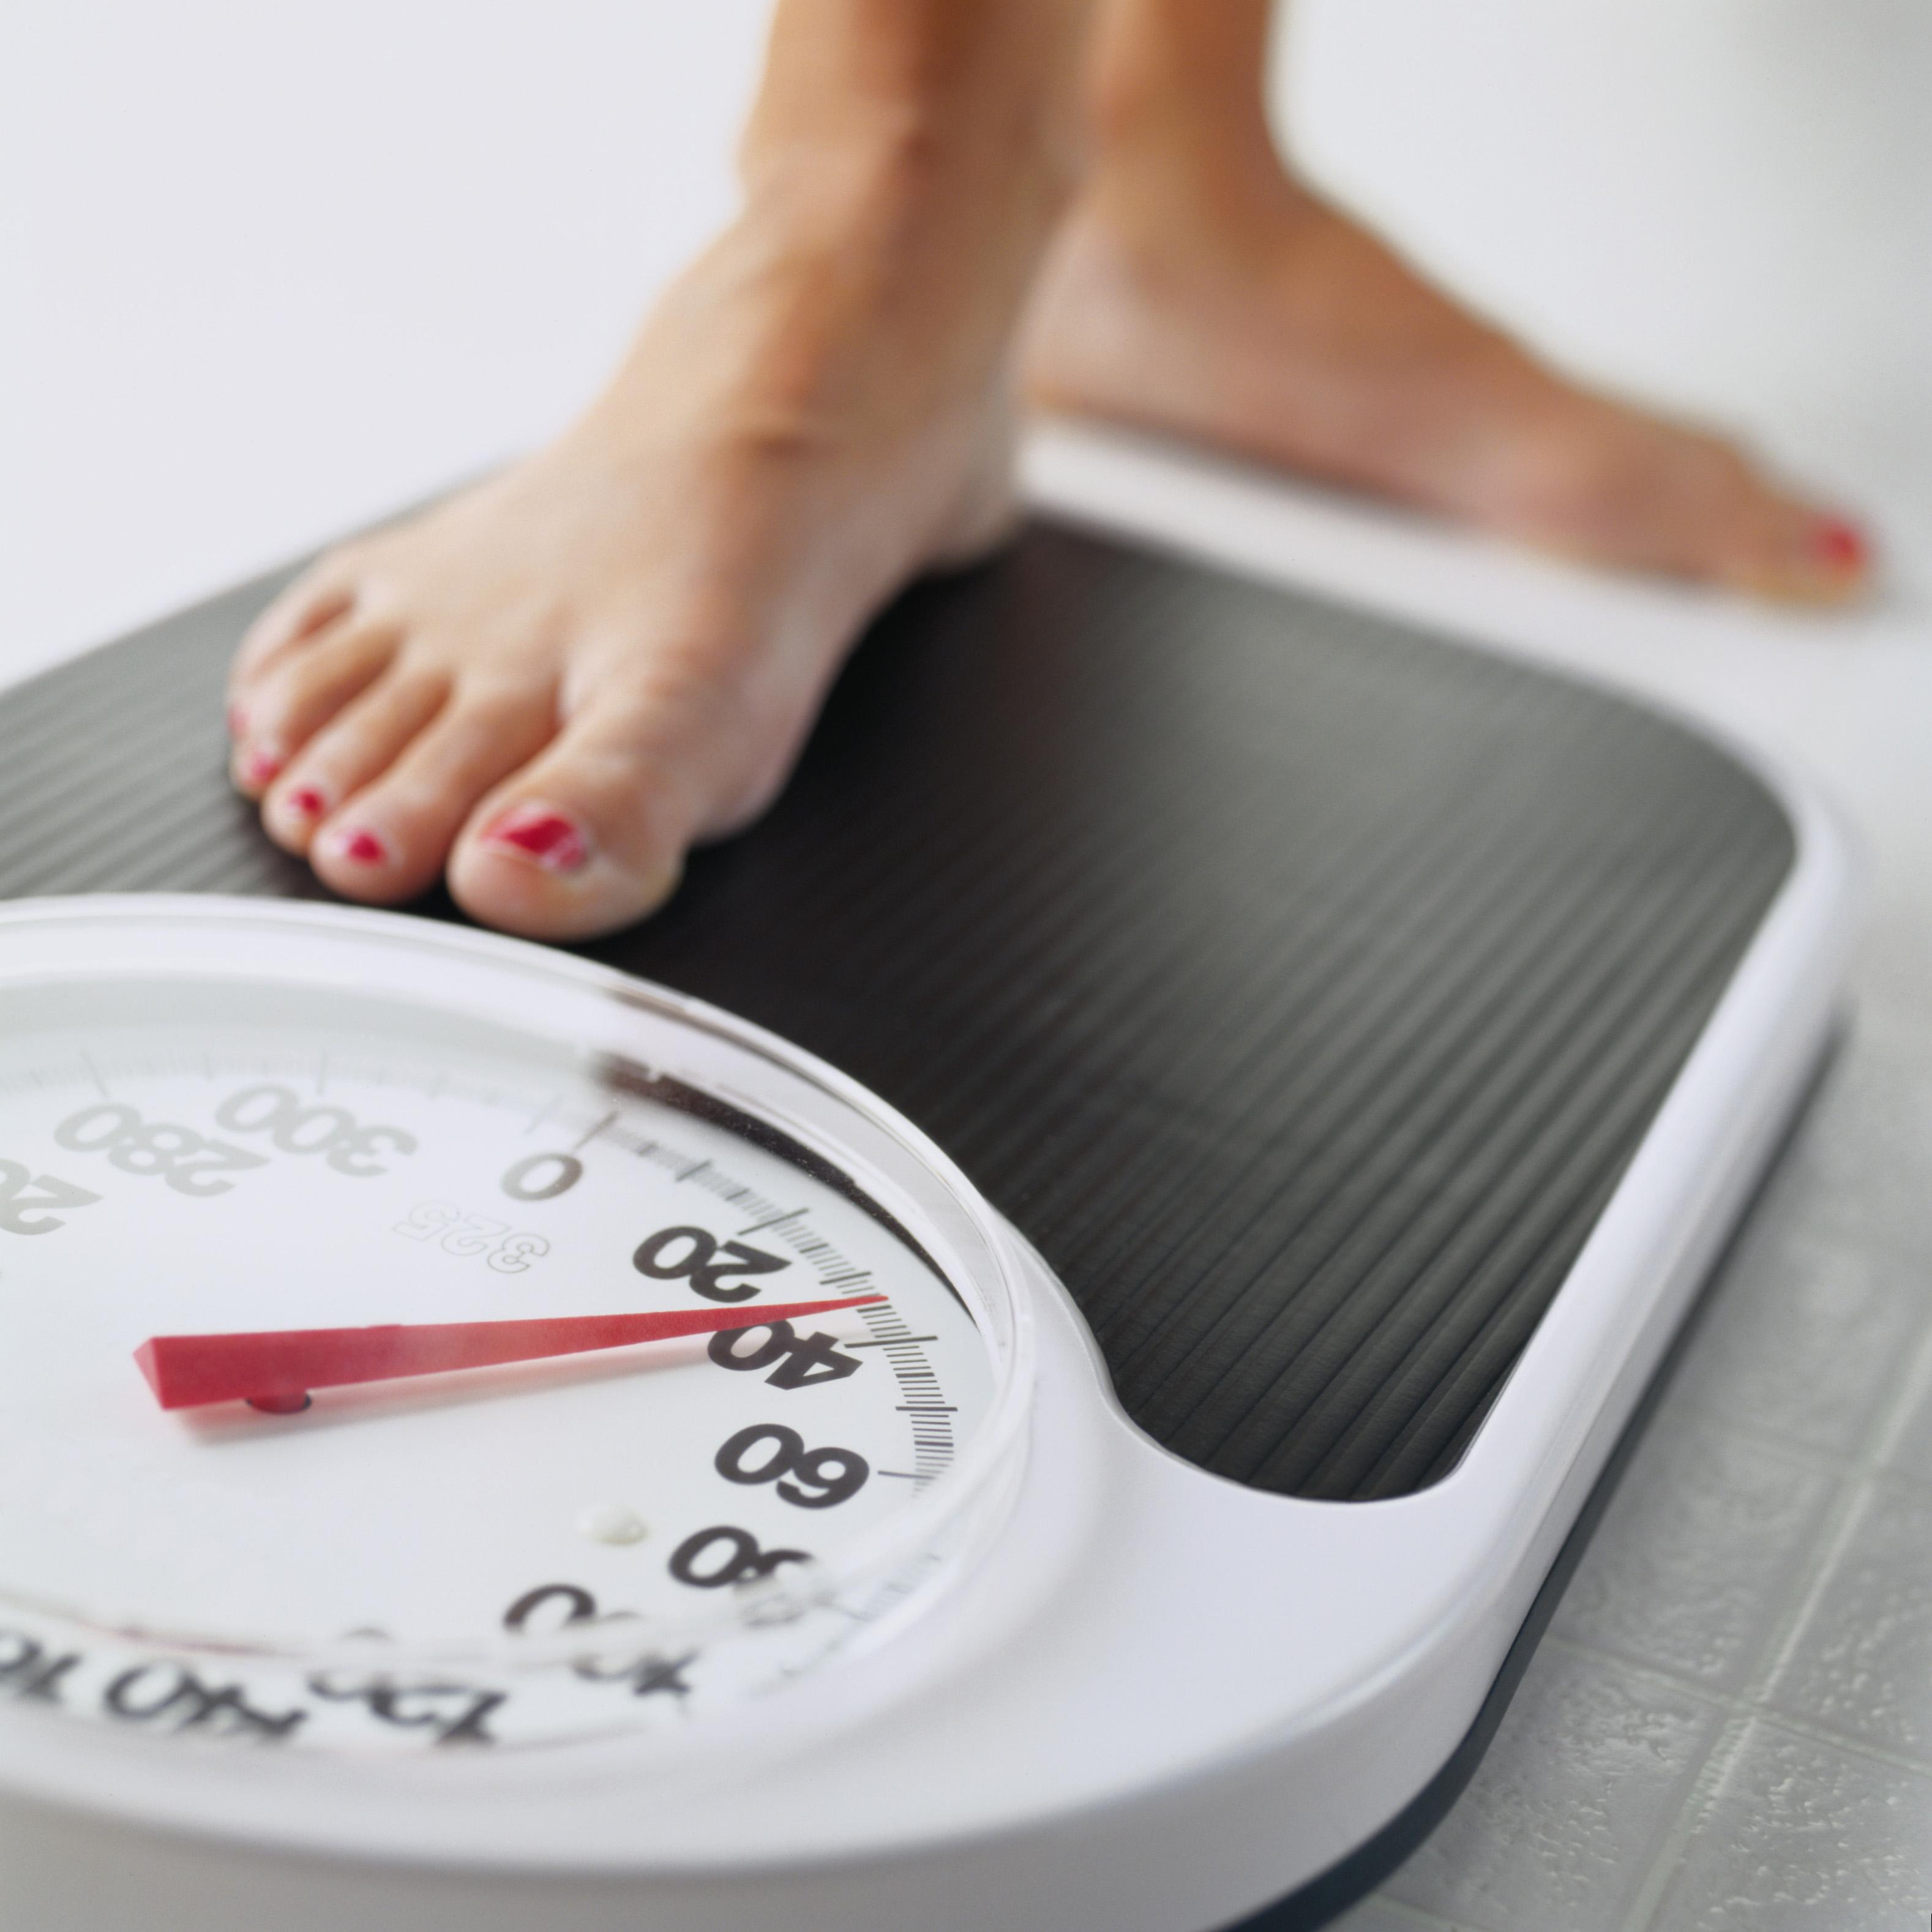 Ученые рассчитали индекс массы тела, продлевающий жизнь